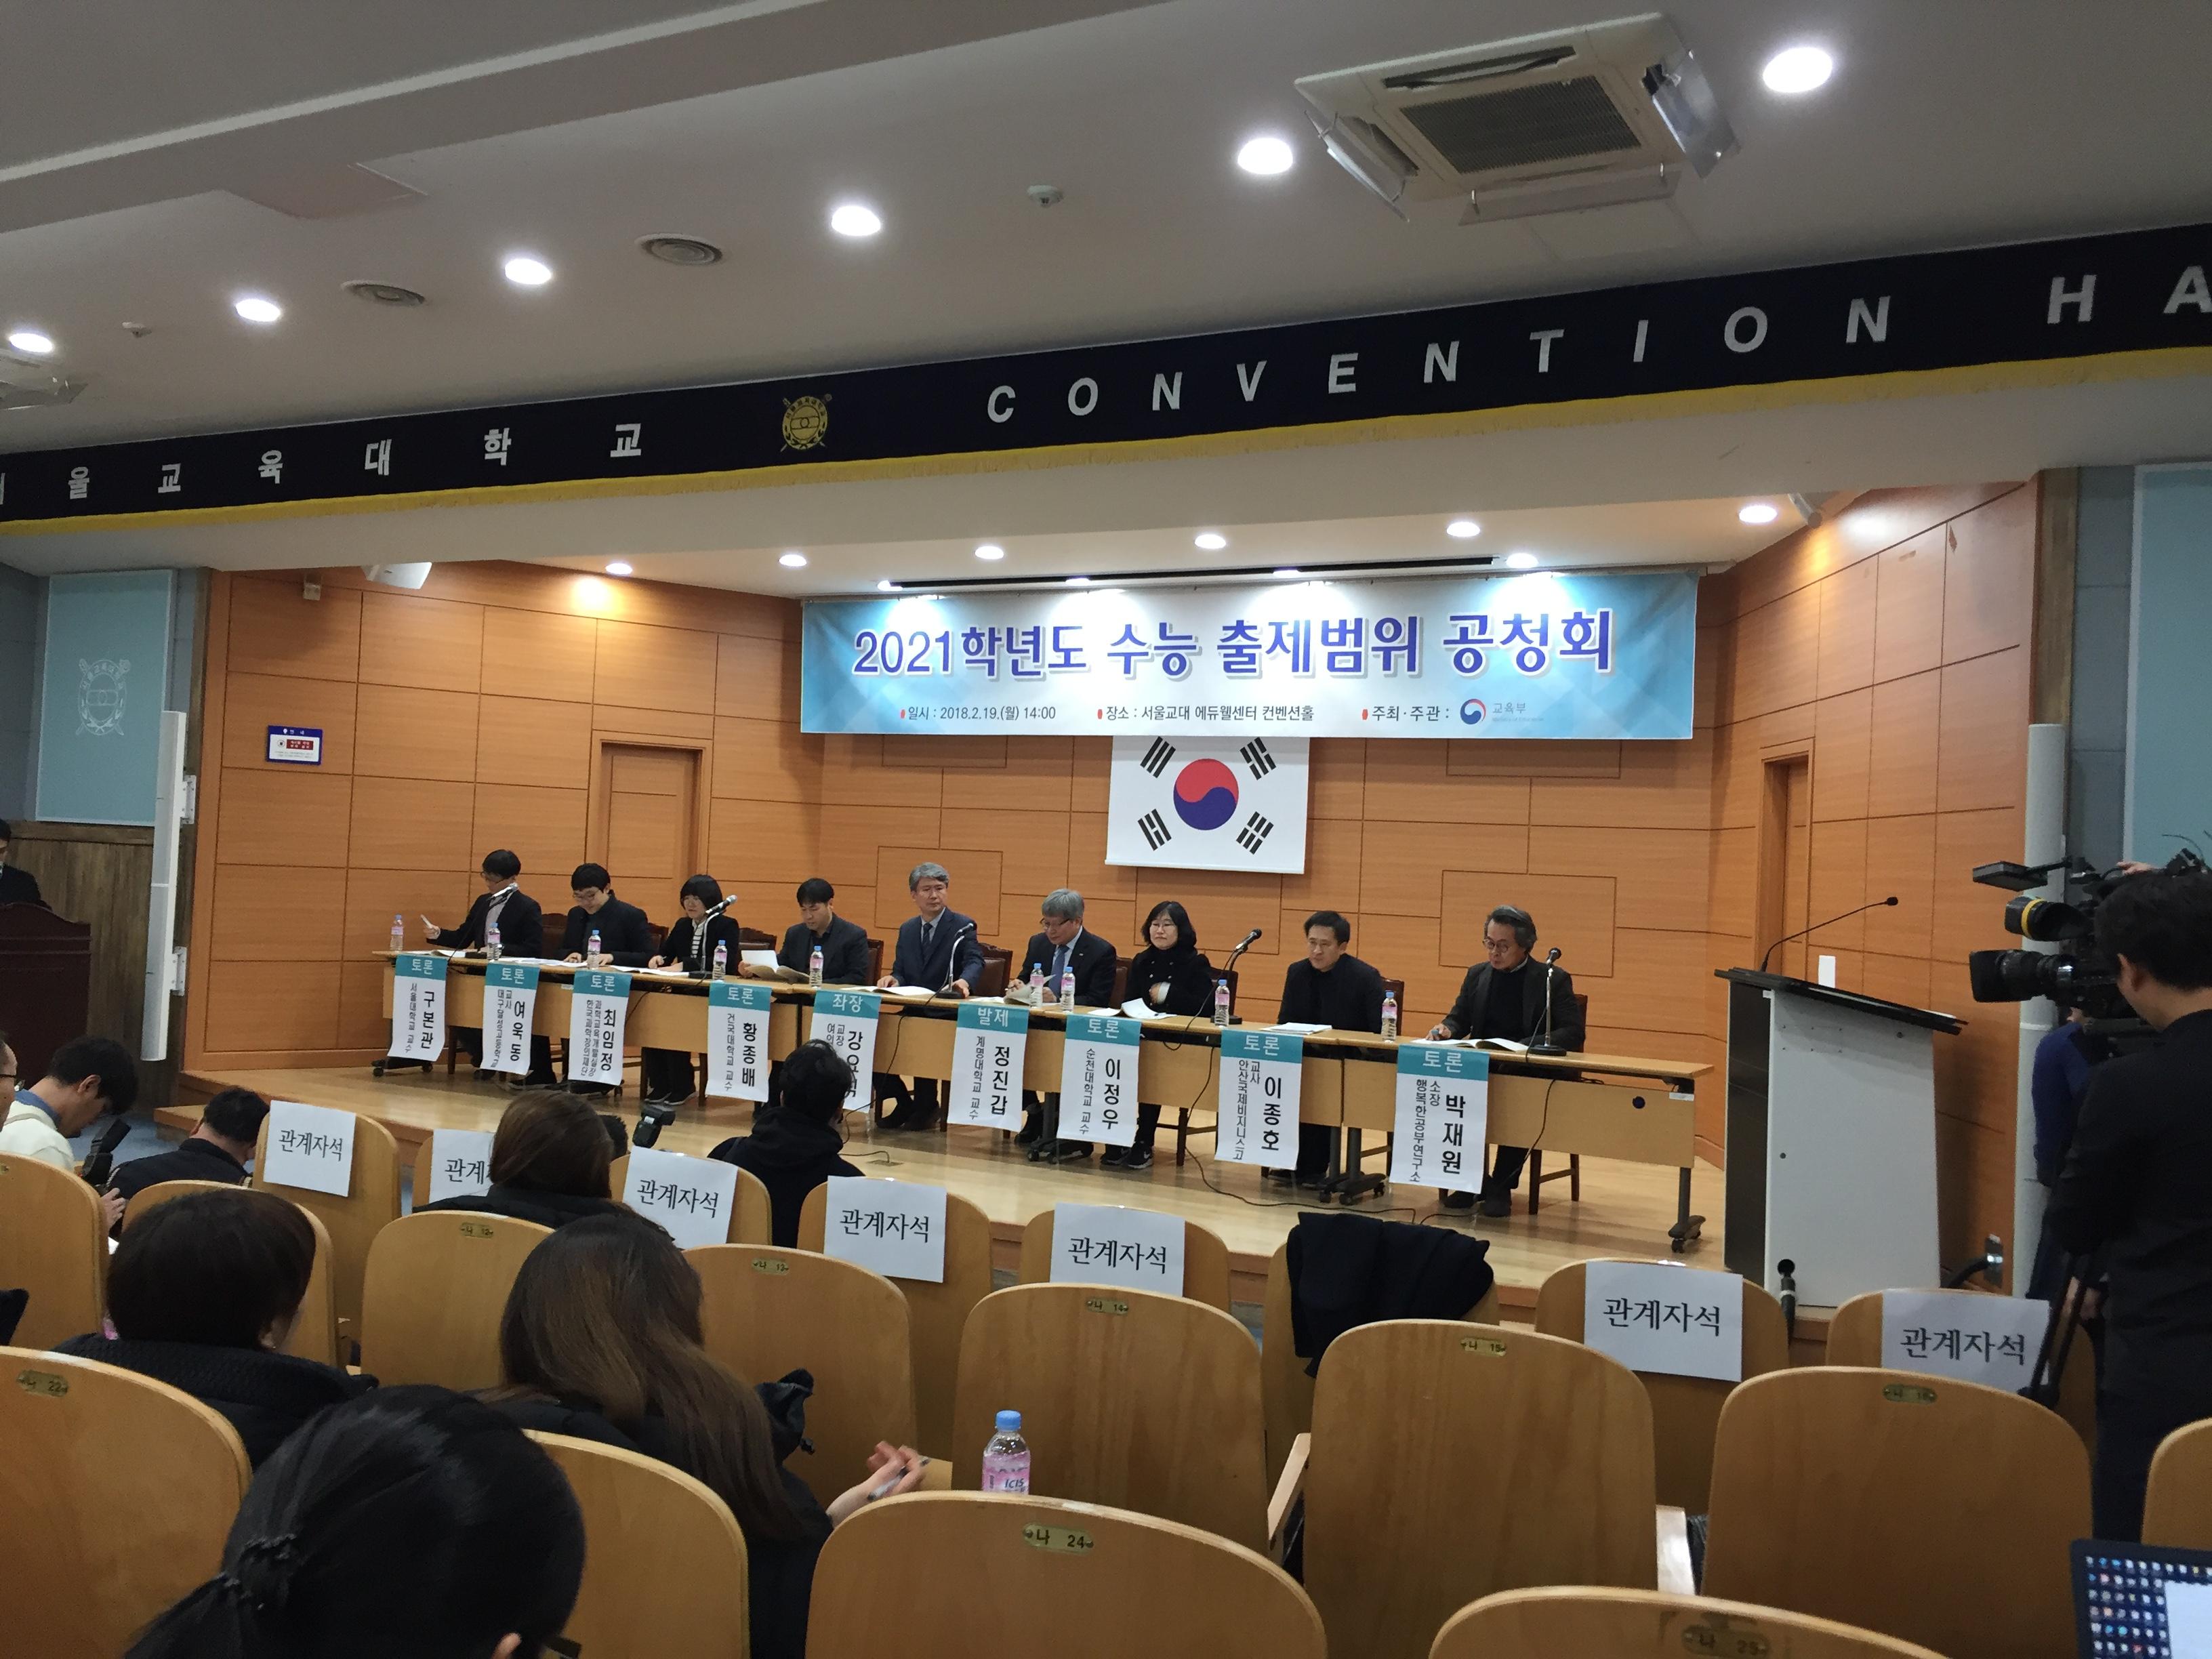 19일 서울교대에서 열린 2021년도 수능출제범위공청회 모습